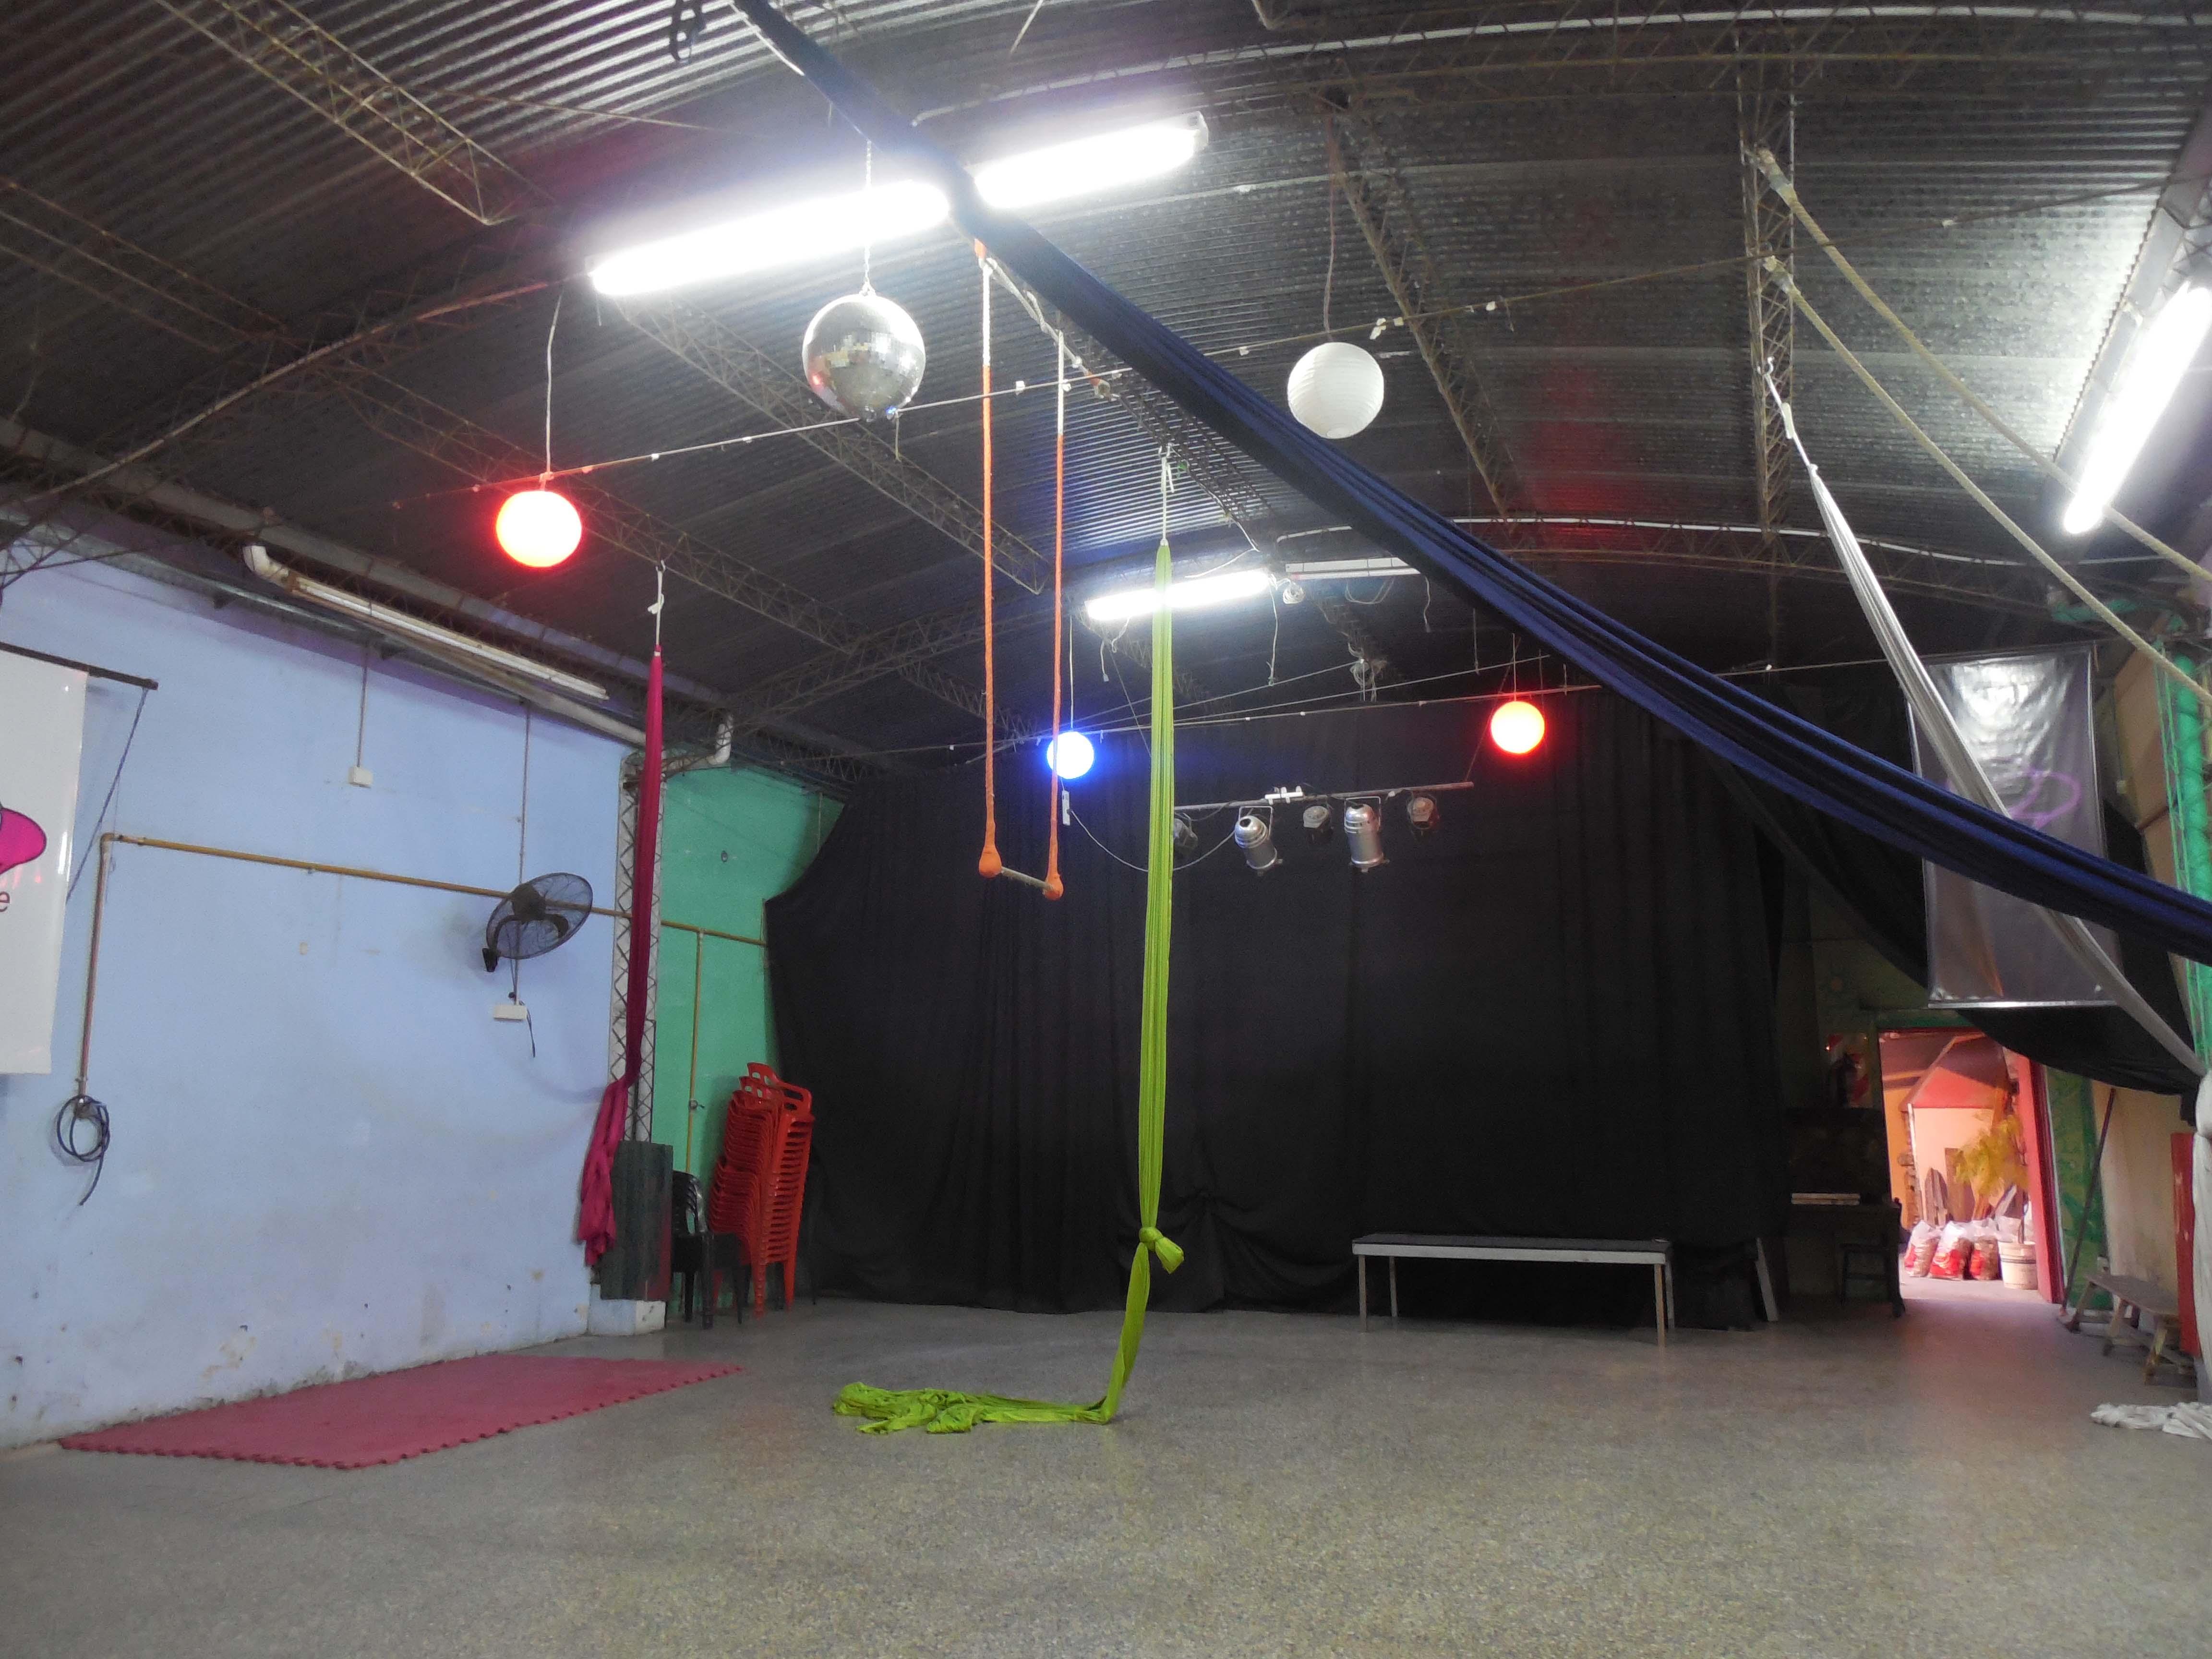 Espacio principal - Centro Cultural La Sociedad / Sociedad de Fomento y Cultura Manuel Ocampo